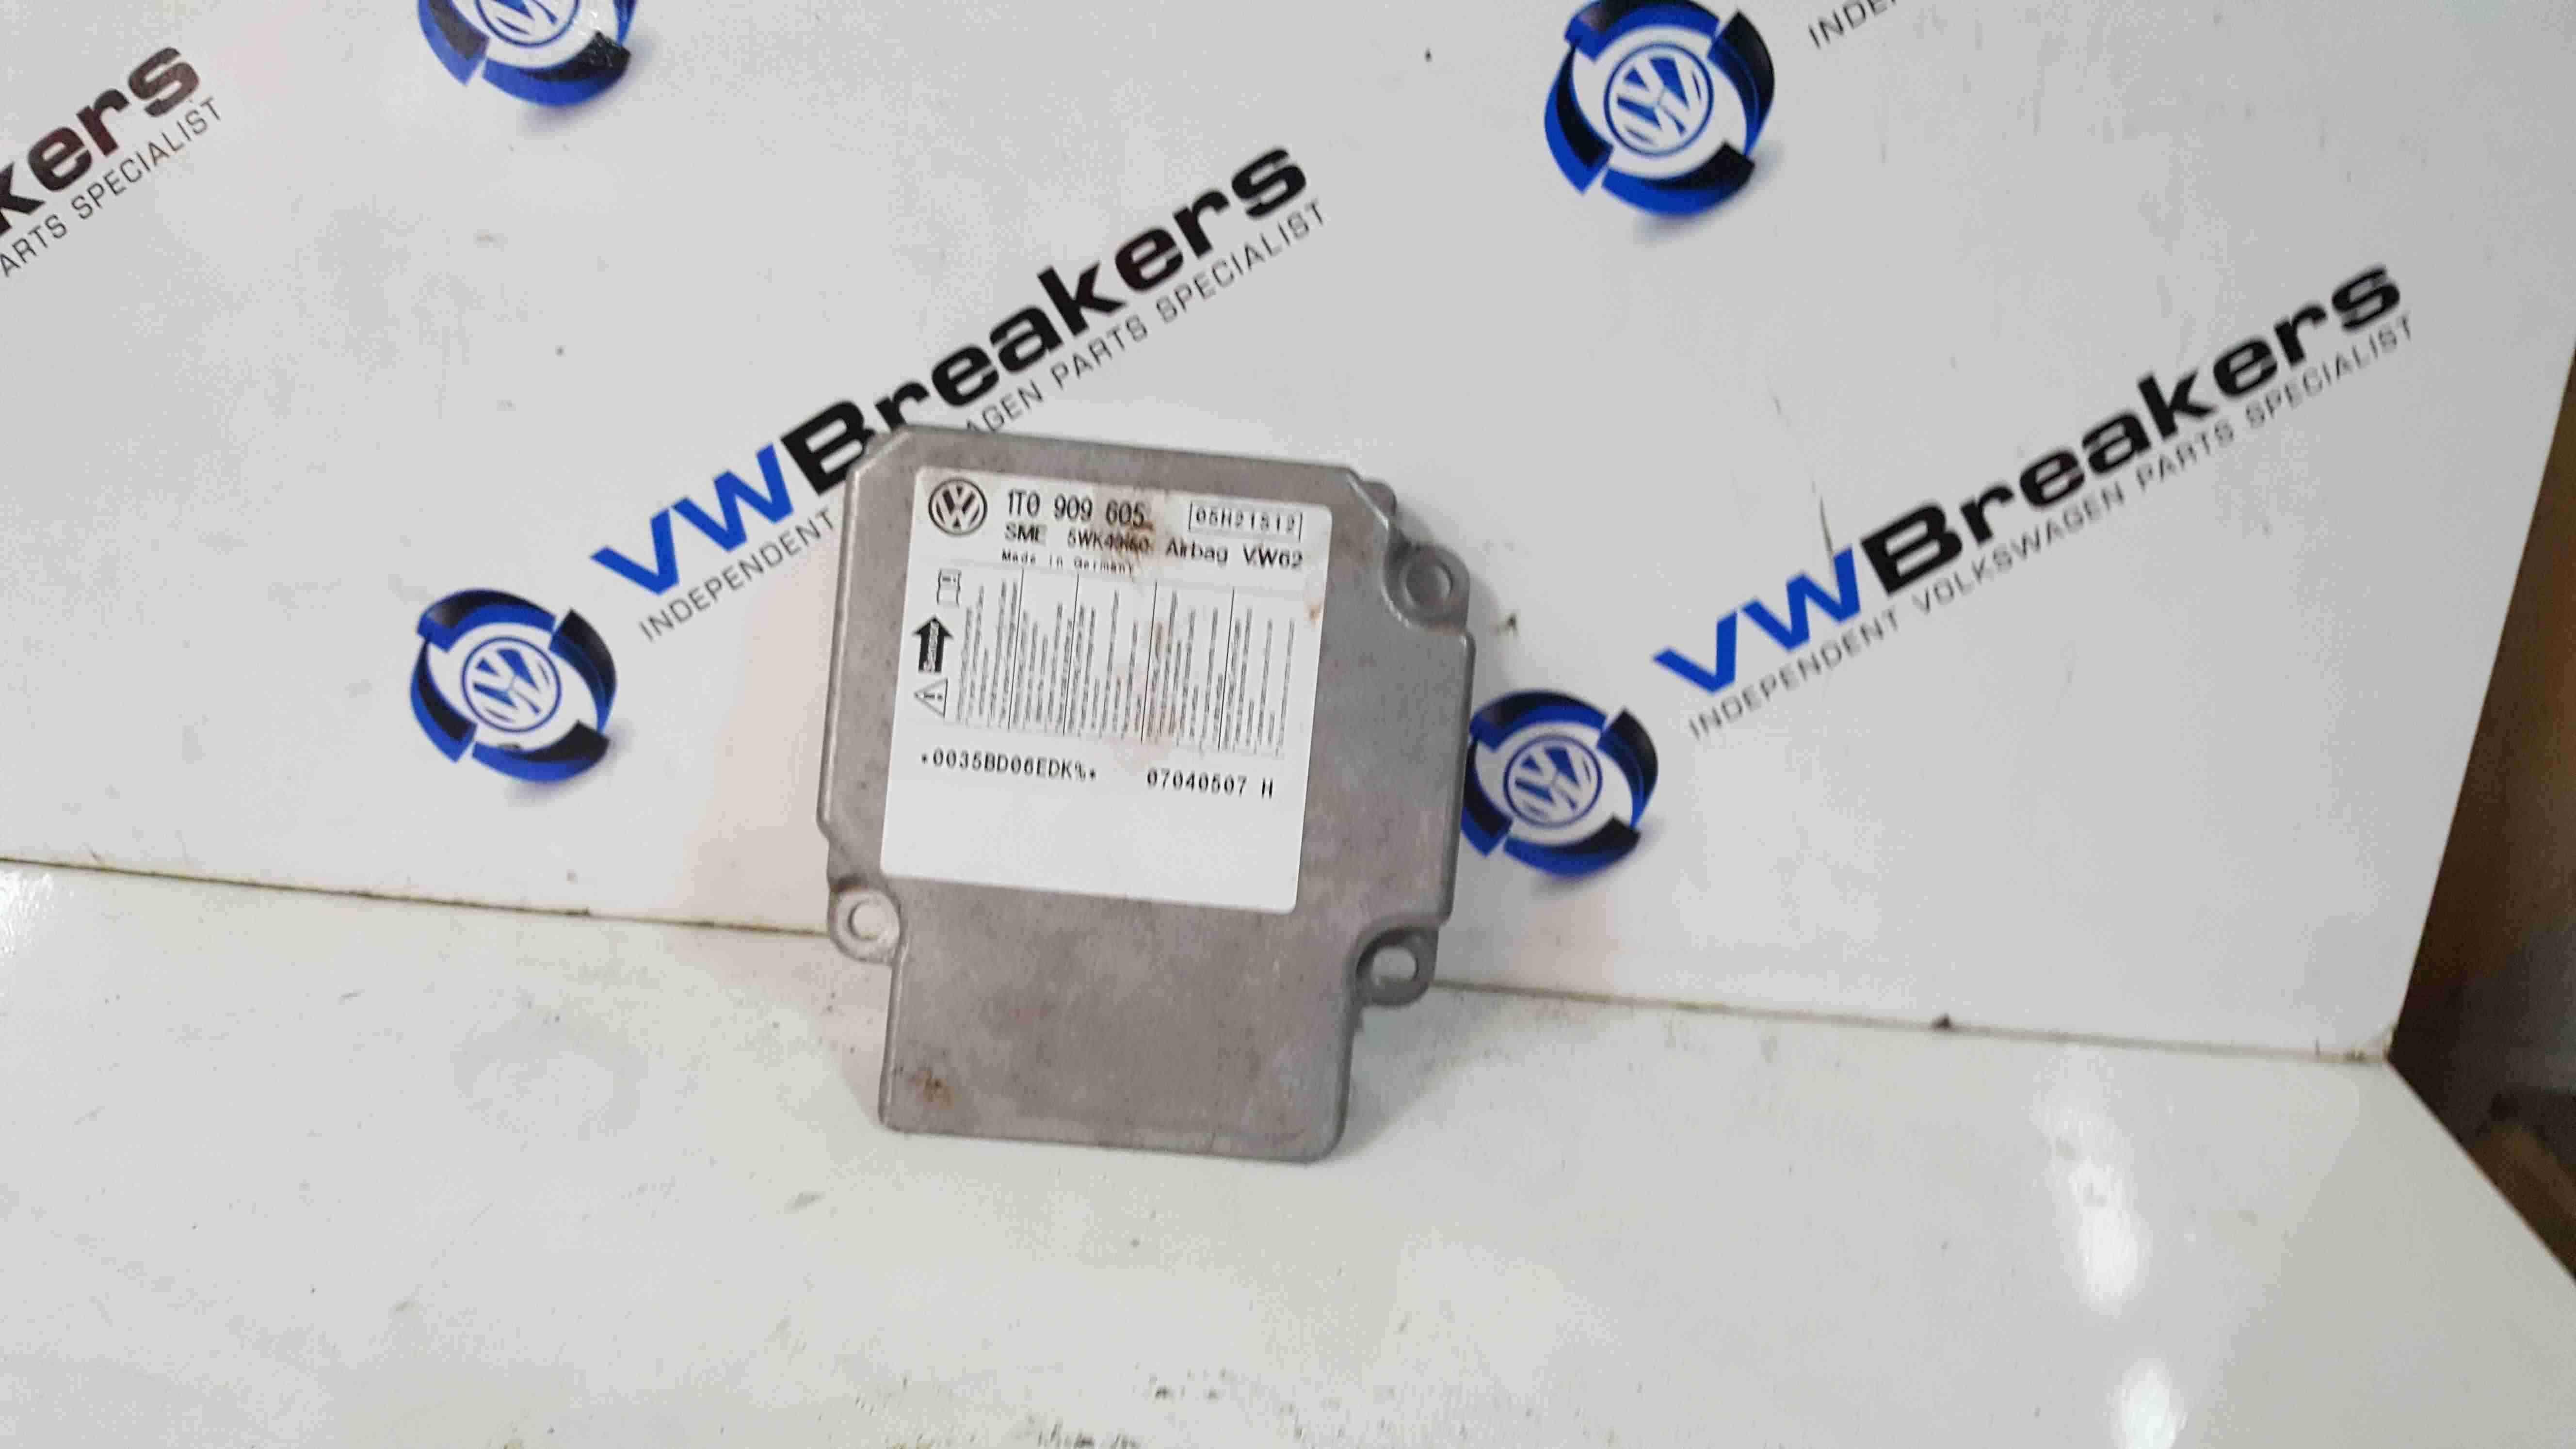 Volkswagen Touran 2003-2006 Airbag ECU Module Computer 1T0909605